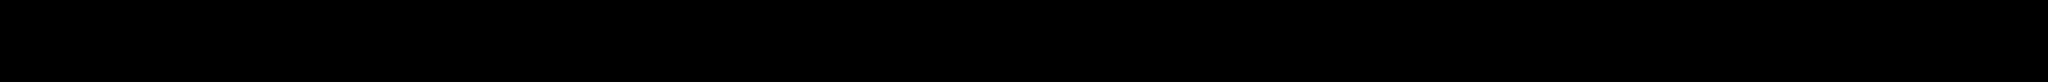 BOSCH AM 462 S, 176 820 28 00, A 176 820 28 00 Törlőlapát